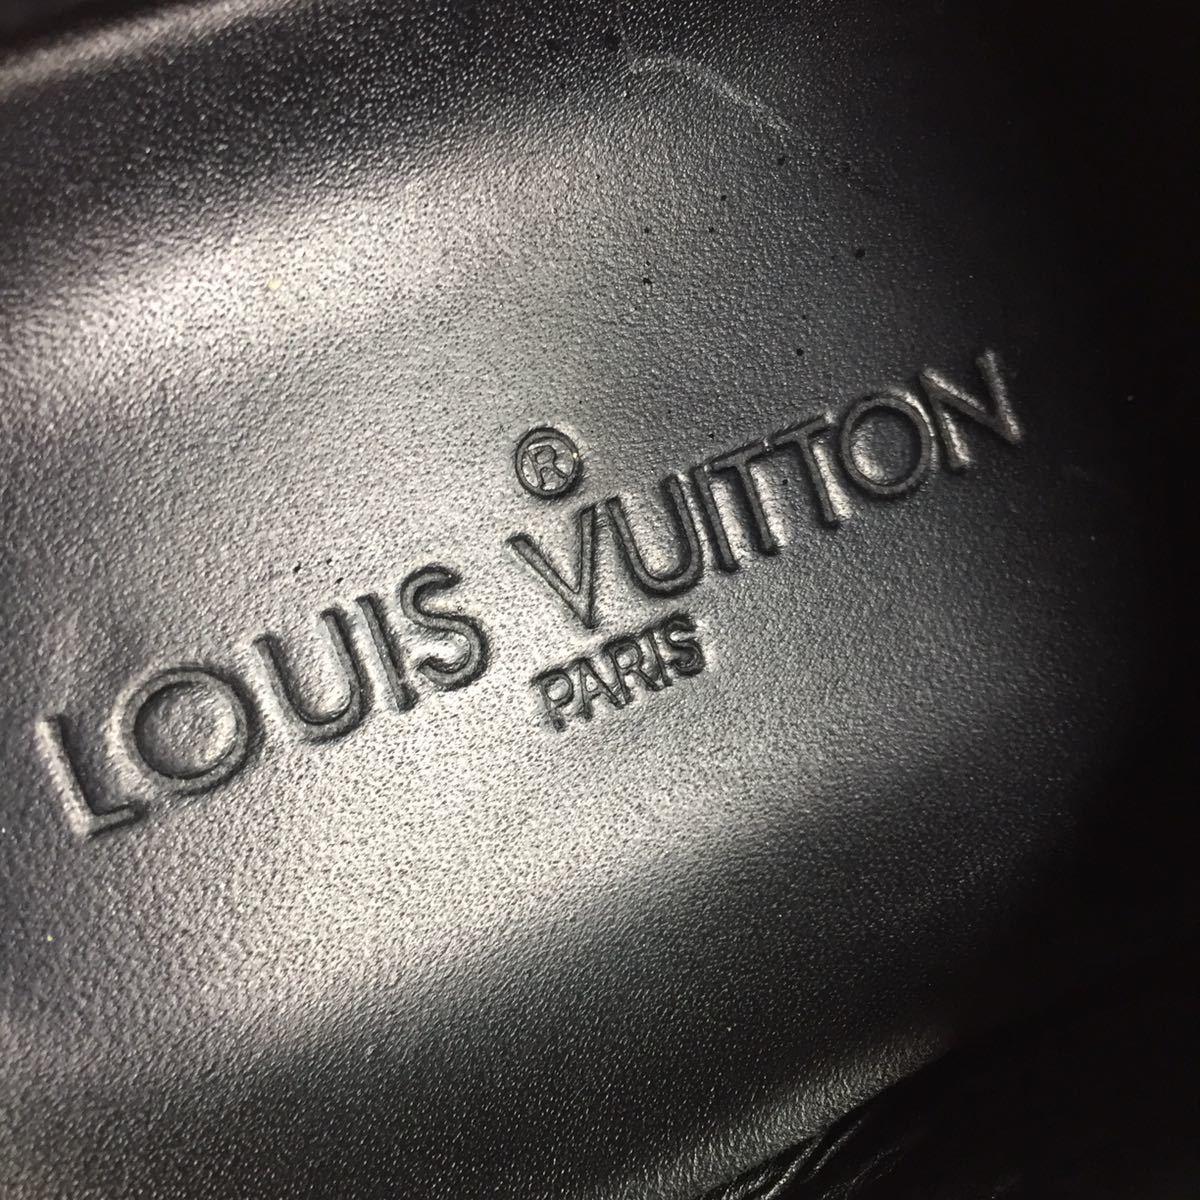 【ルイヴィトン】本物 LOUIS VUITTON 靴 26cm 黒 モノグラム スニーカー カジュアルシューズ 本革×化学繊維 レザー メンズ イタリア製 7_画像9